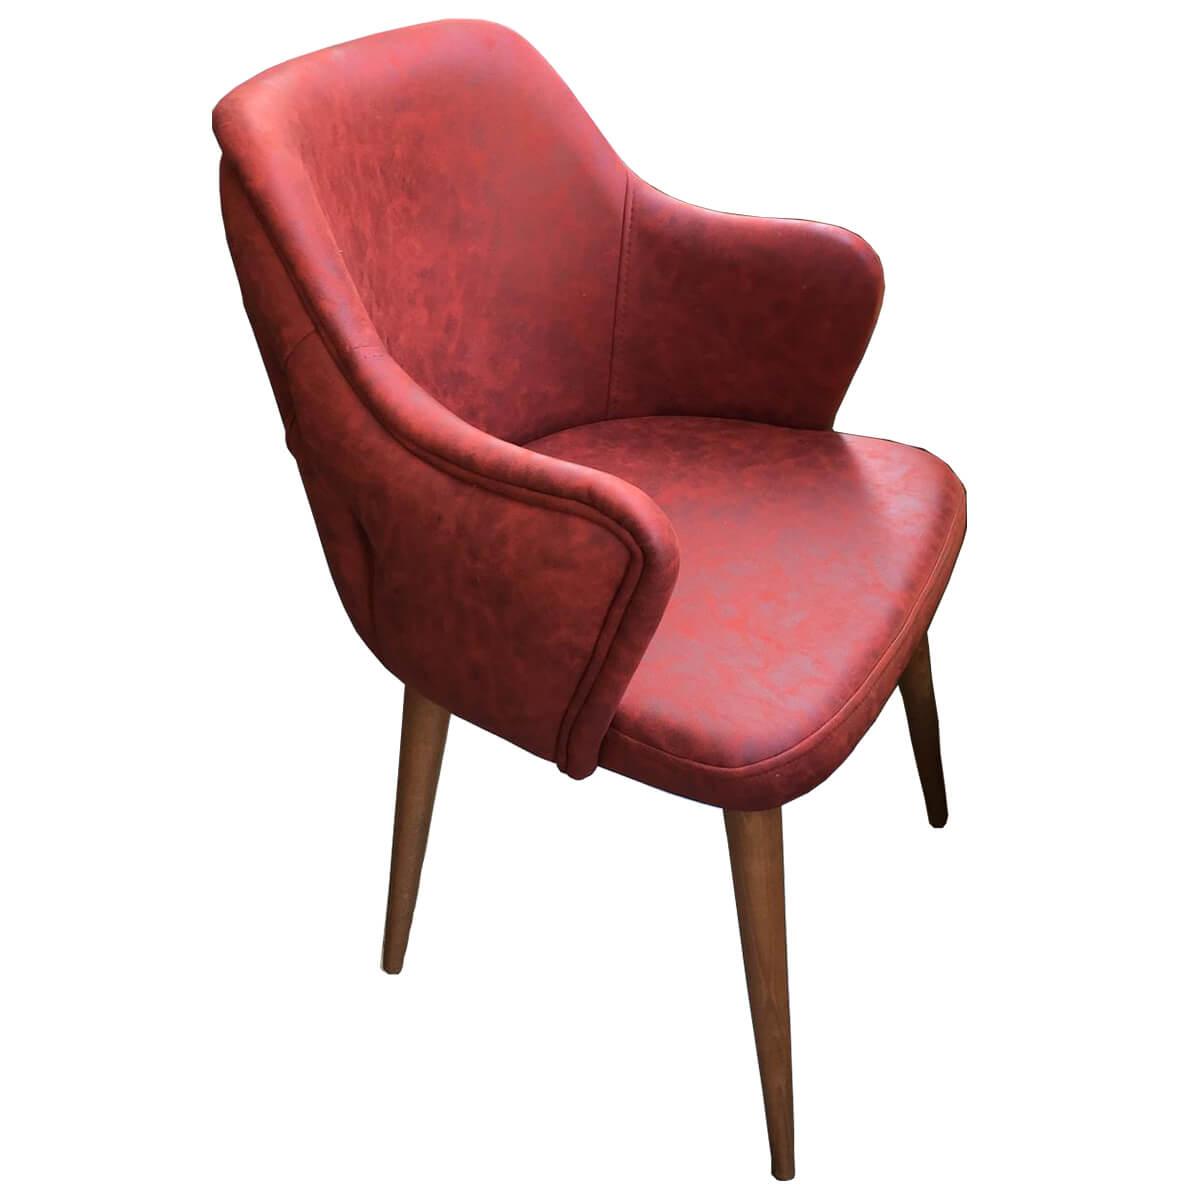 Milano Sandalye Modeli Yan Ön Görünüm